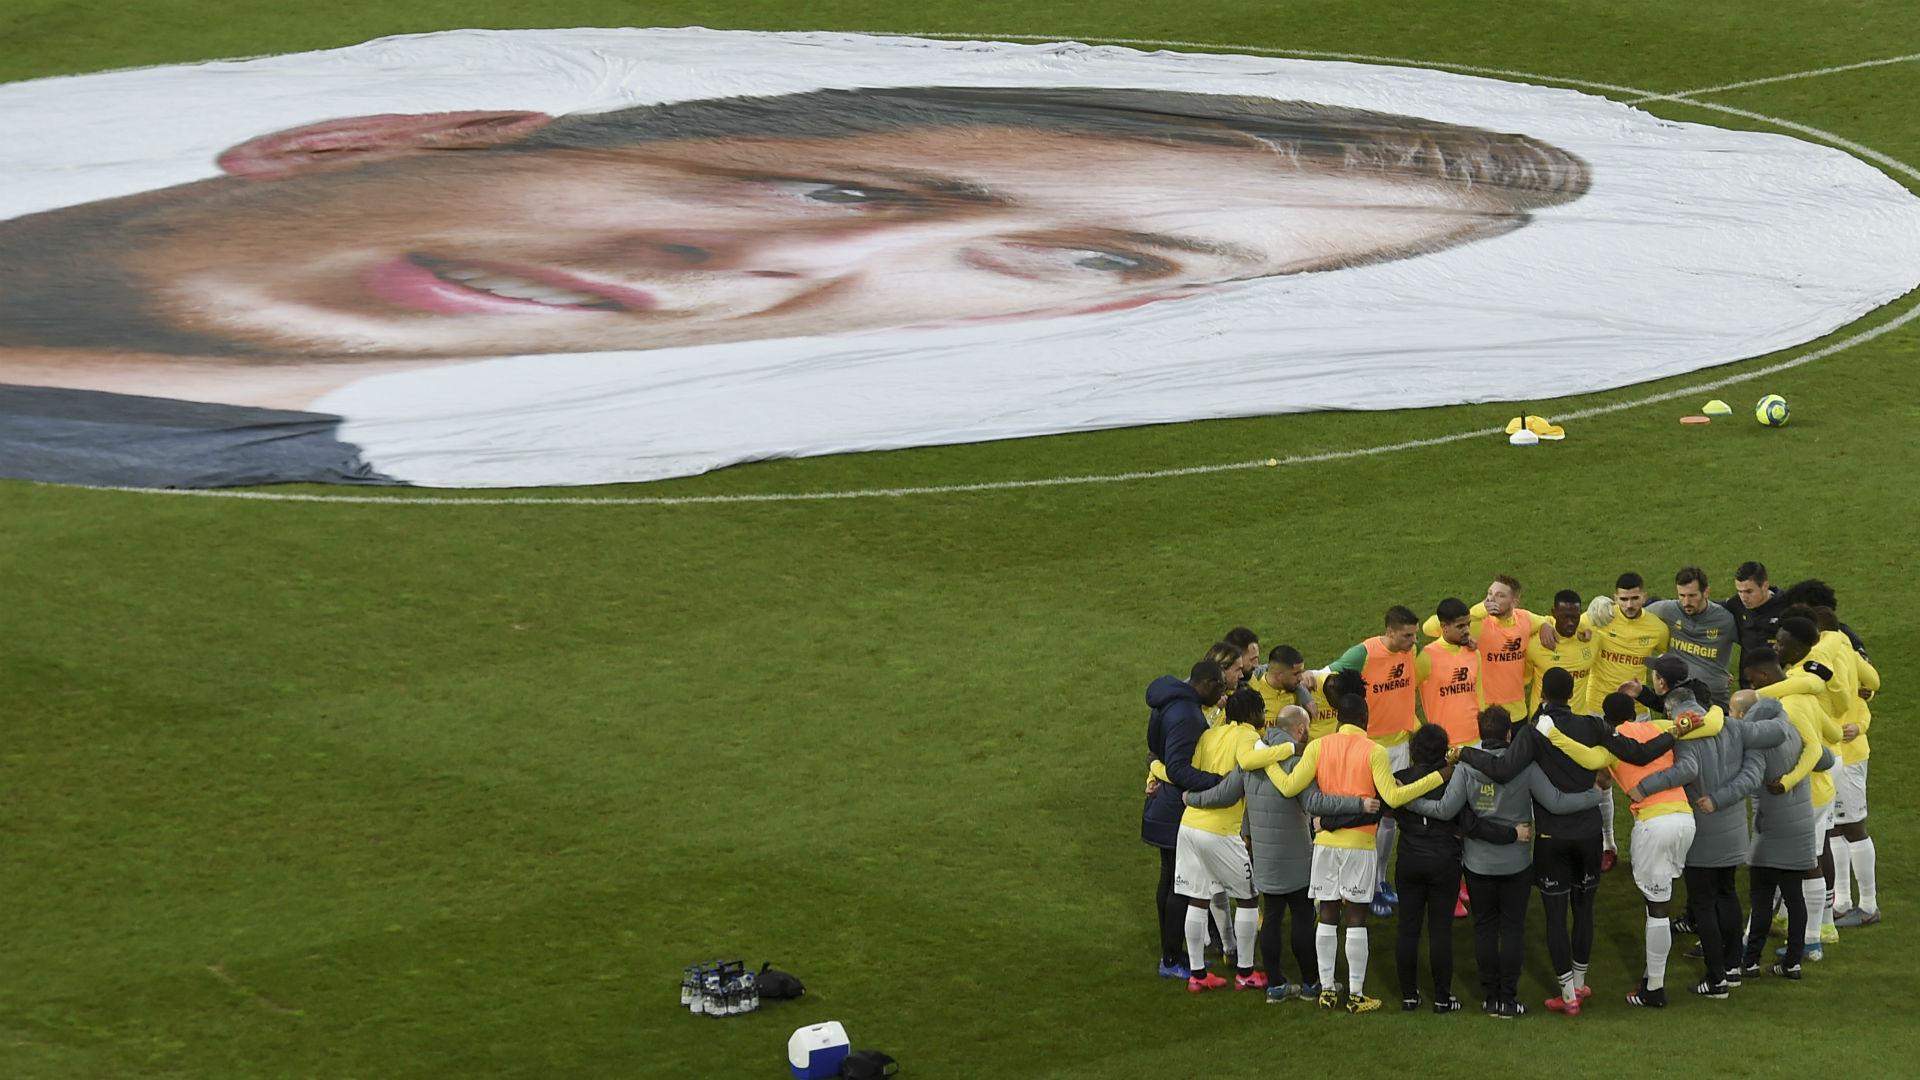 Nantes - Le magnifique hommage à Emiliano Sala avant Bordeaux